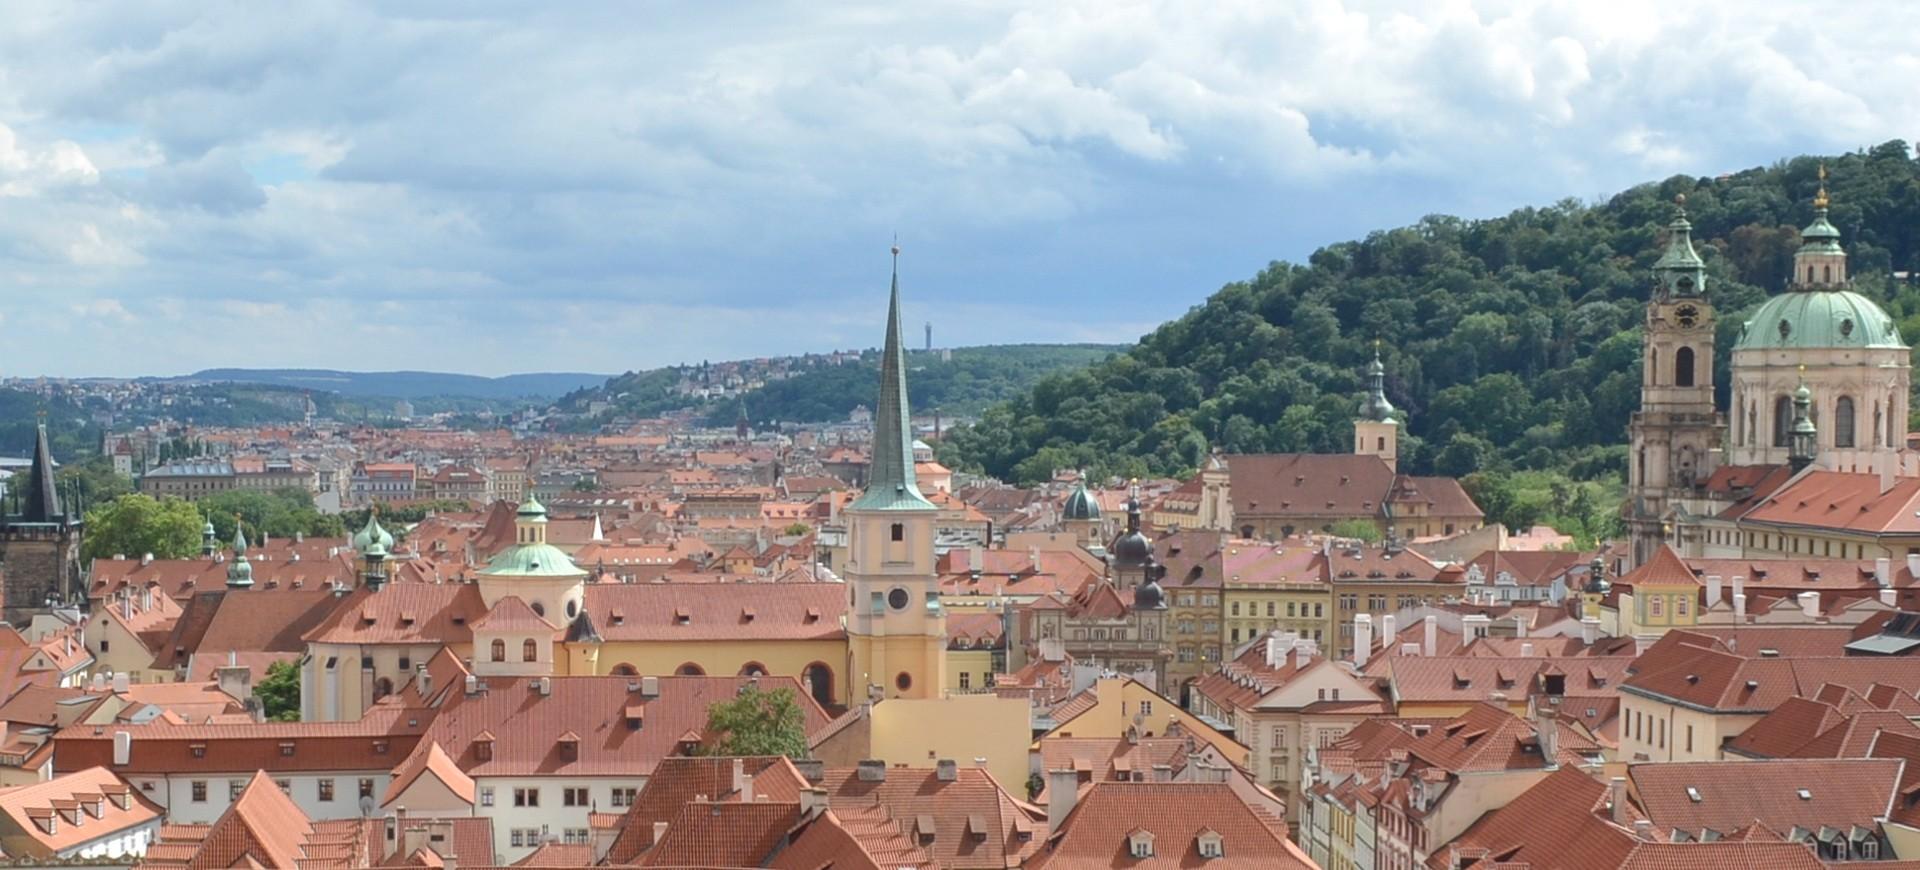 République Tchèque Prague Vieille ville Mala Strana by ZB